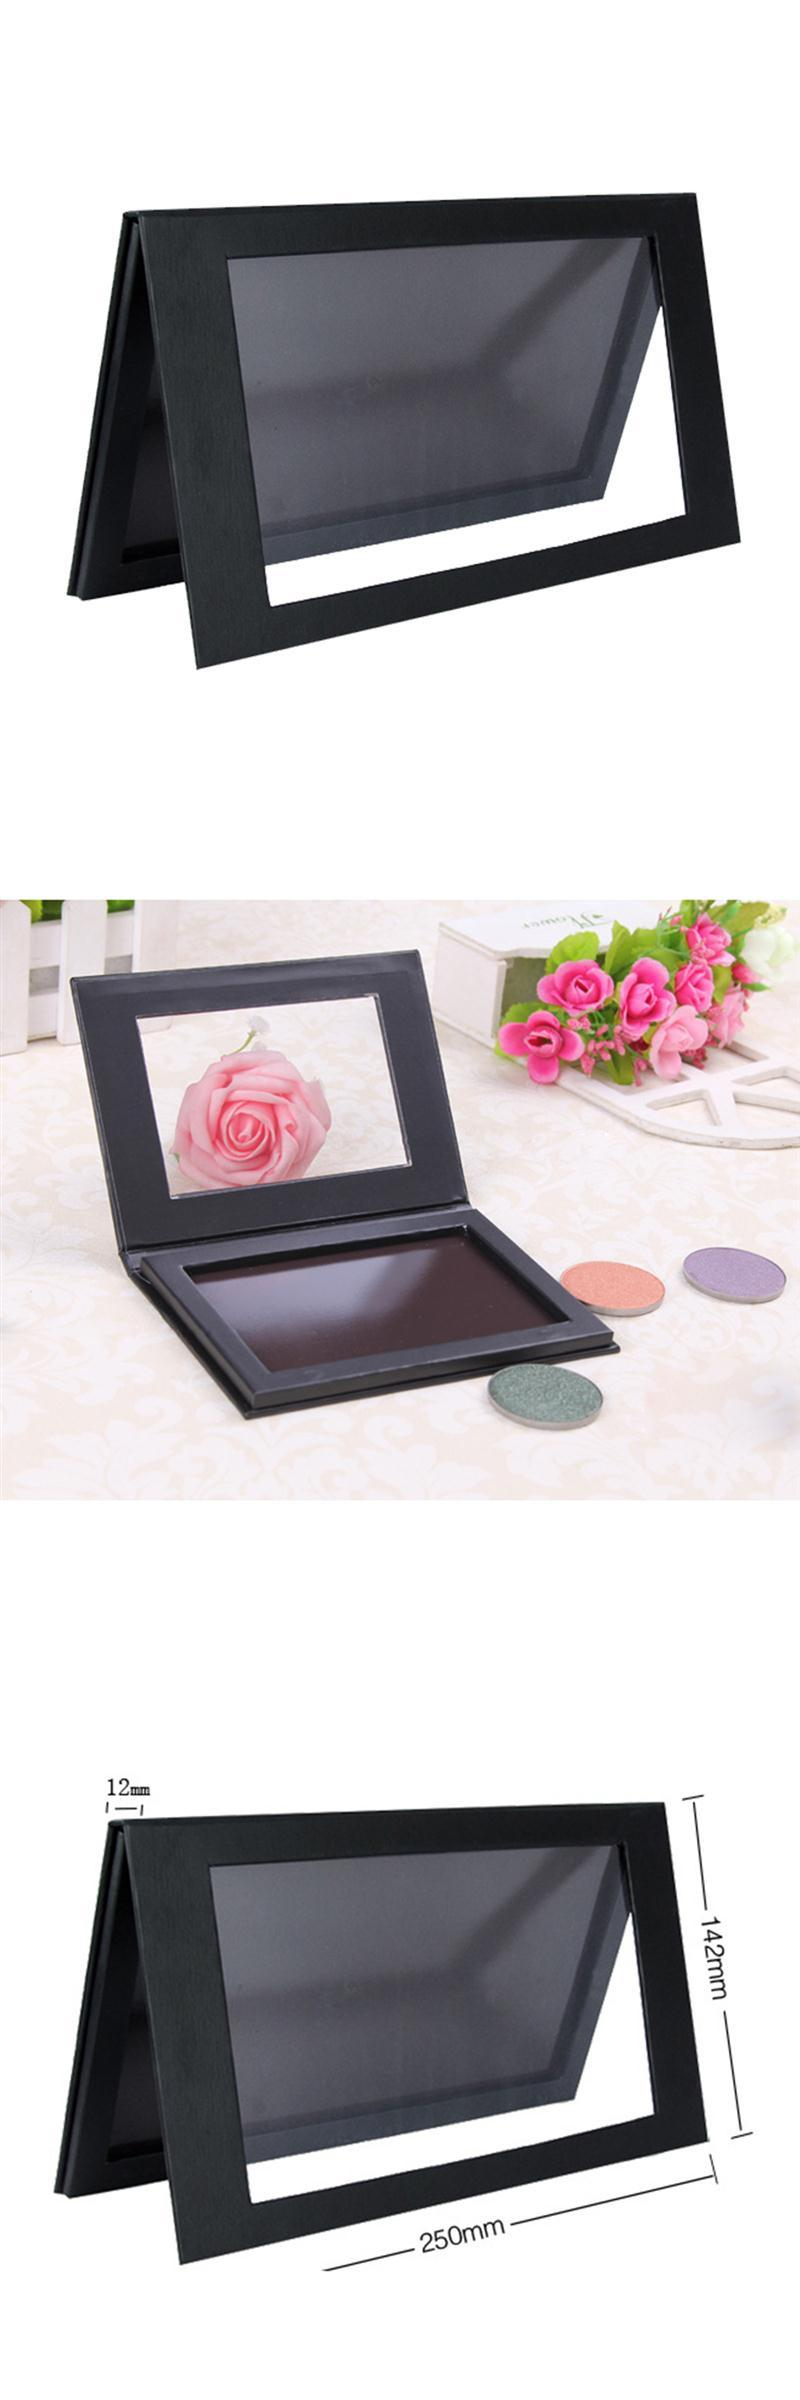 [Visit to Buy] Empty Cosmetics Makeup Eyeshadow